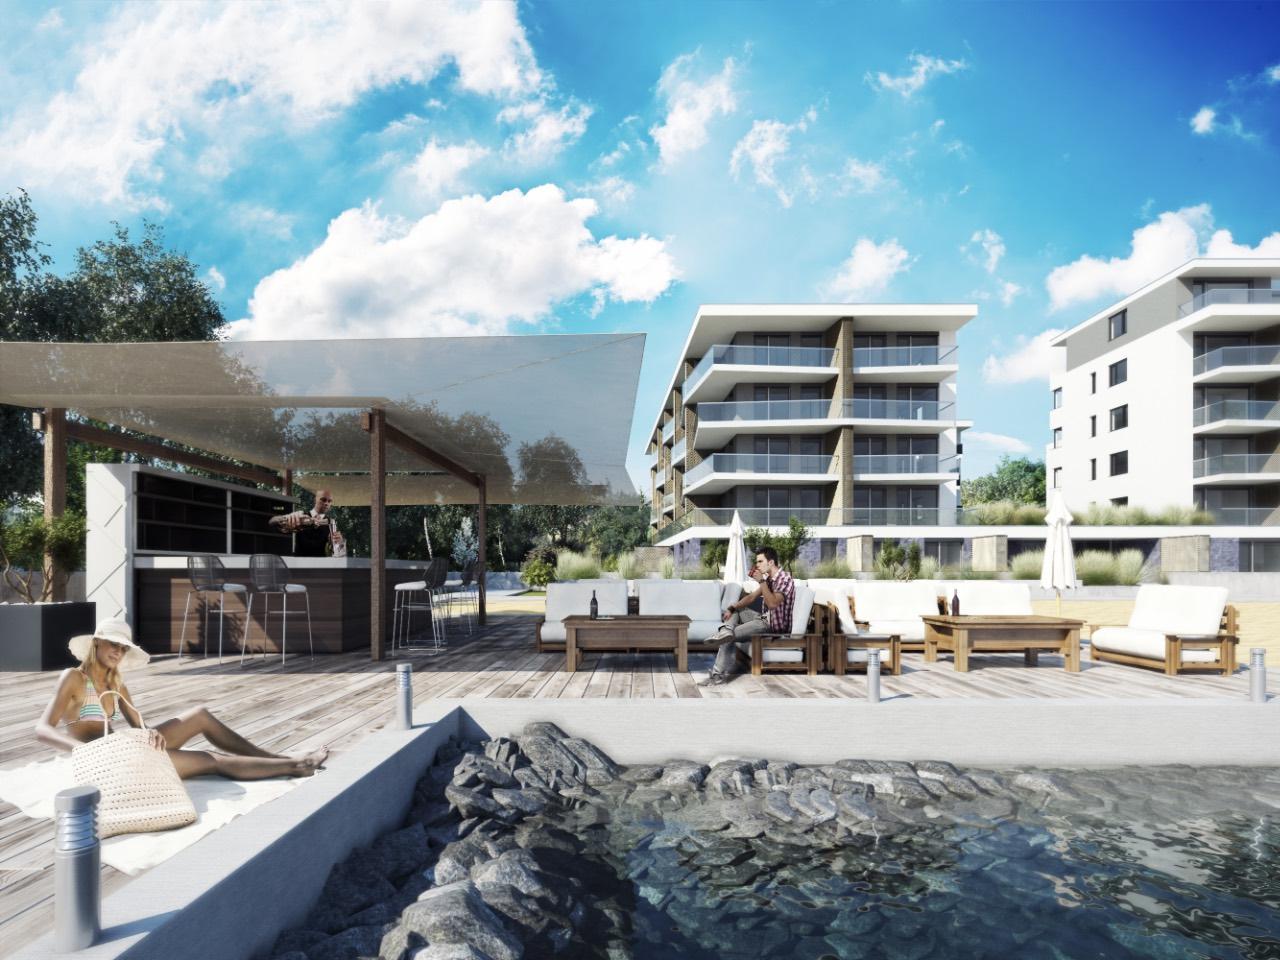 Már épül a szupermenő üdülőpark a Balaton partján